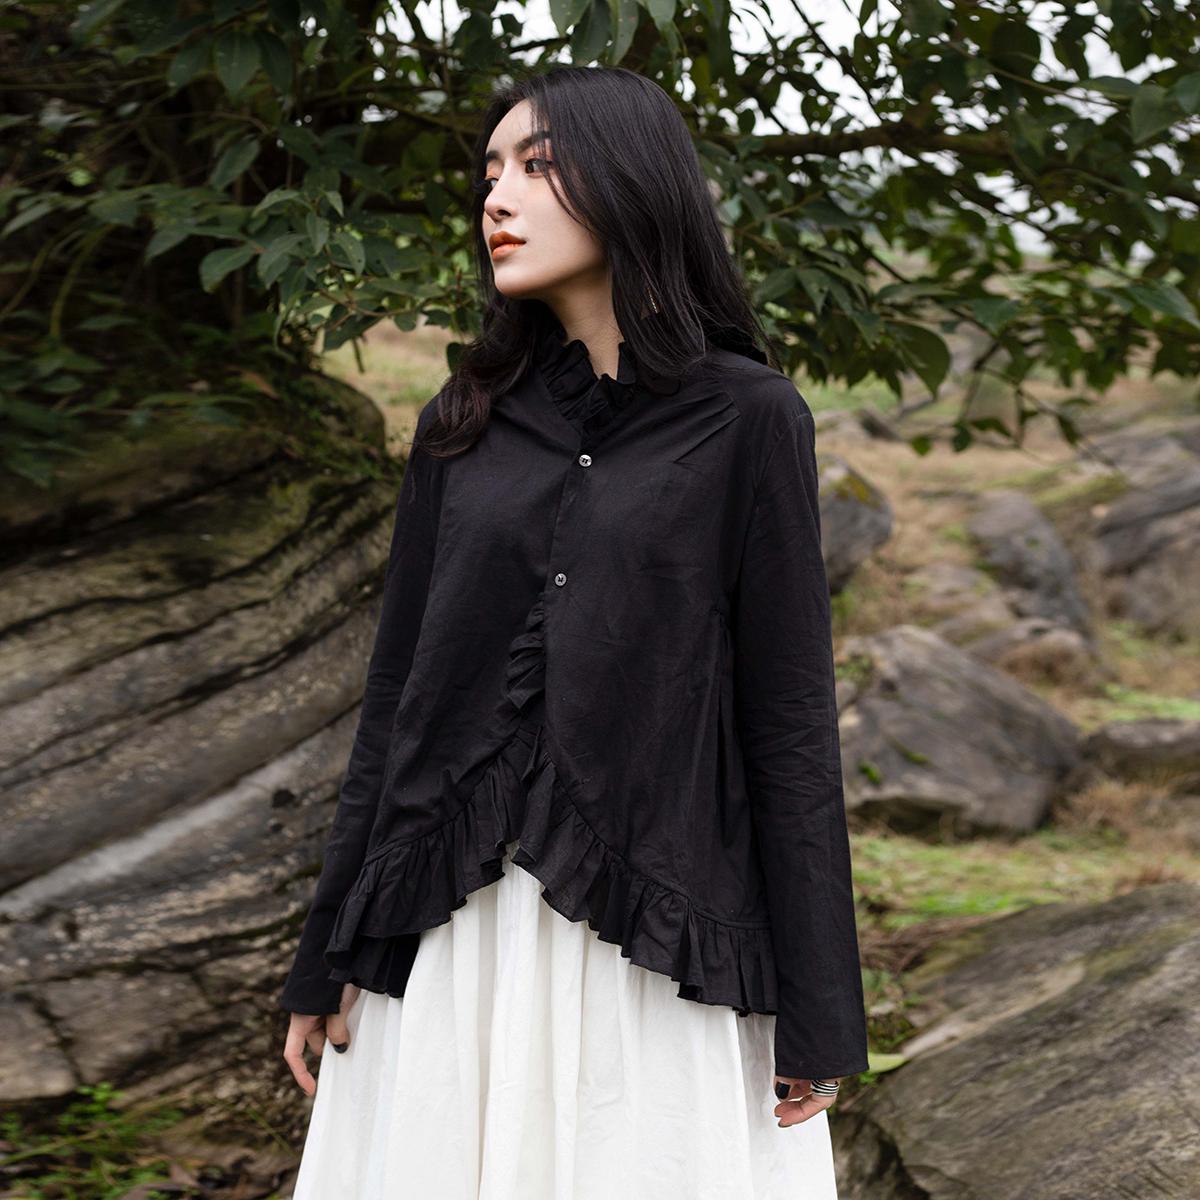 休闲衬衫 SIMPLE BLACK 春秋季ss新款薄棉花边休闲长袖衬衫娃娃衫女_推荐淘宝好看的女休闲衬衫